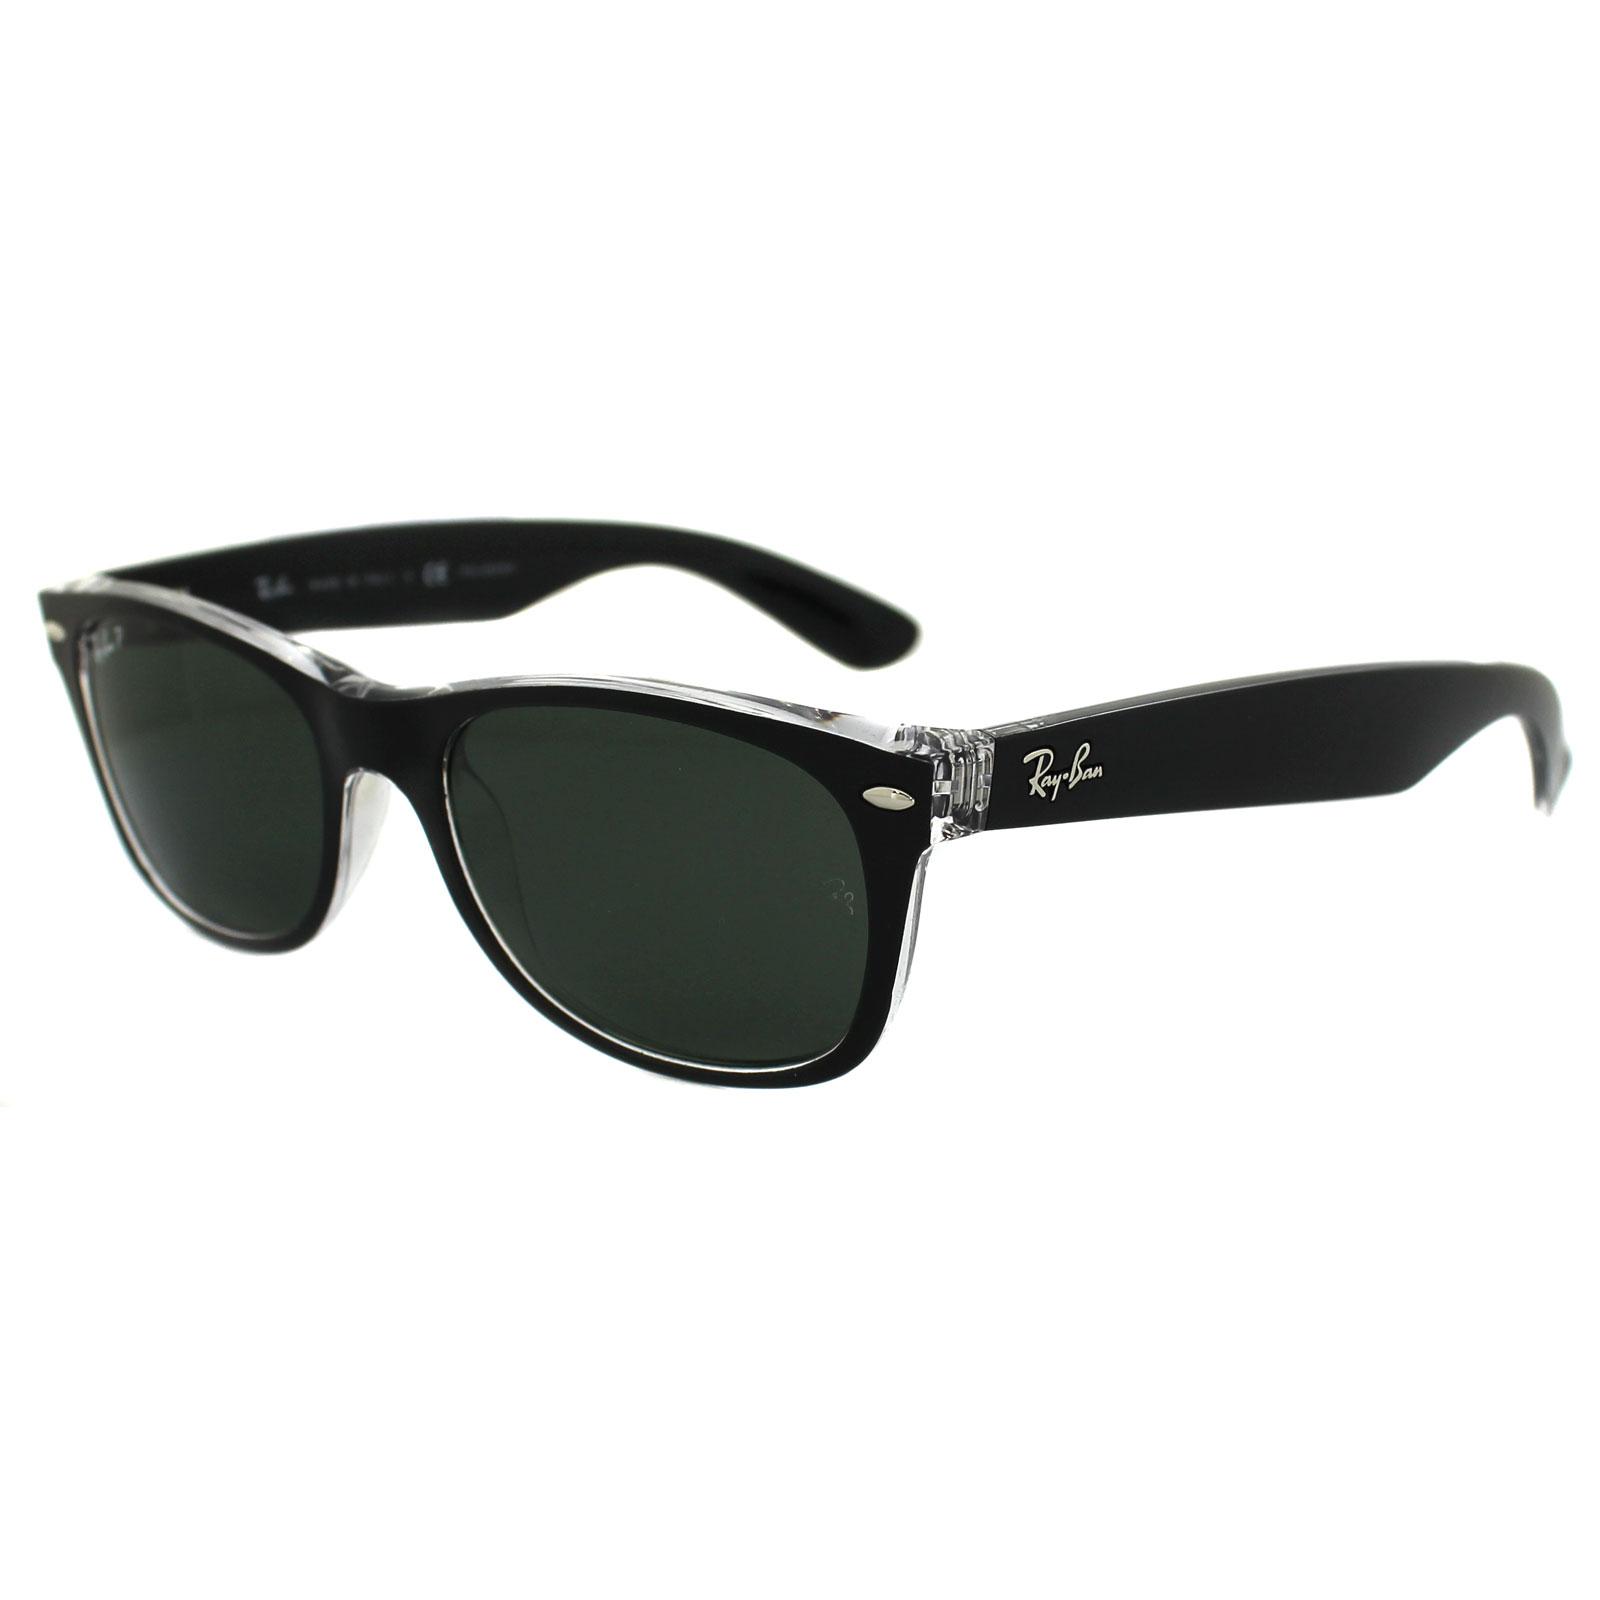 ray ban sonnenbrille new wayfarer 2132 605258 black. Black Bedroom Furniture Sets. Home Design Ideas